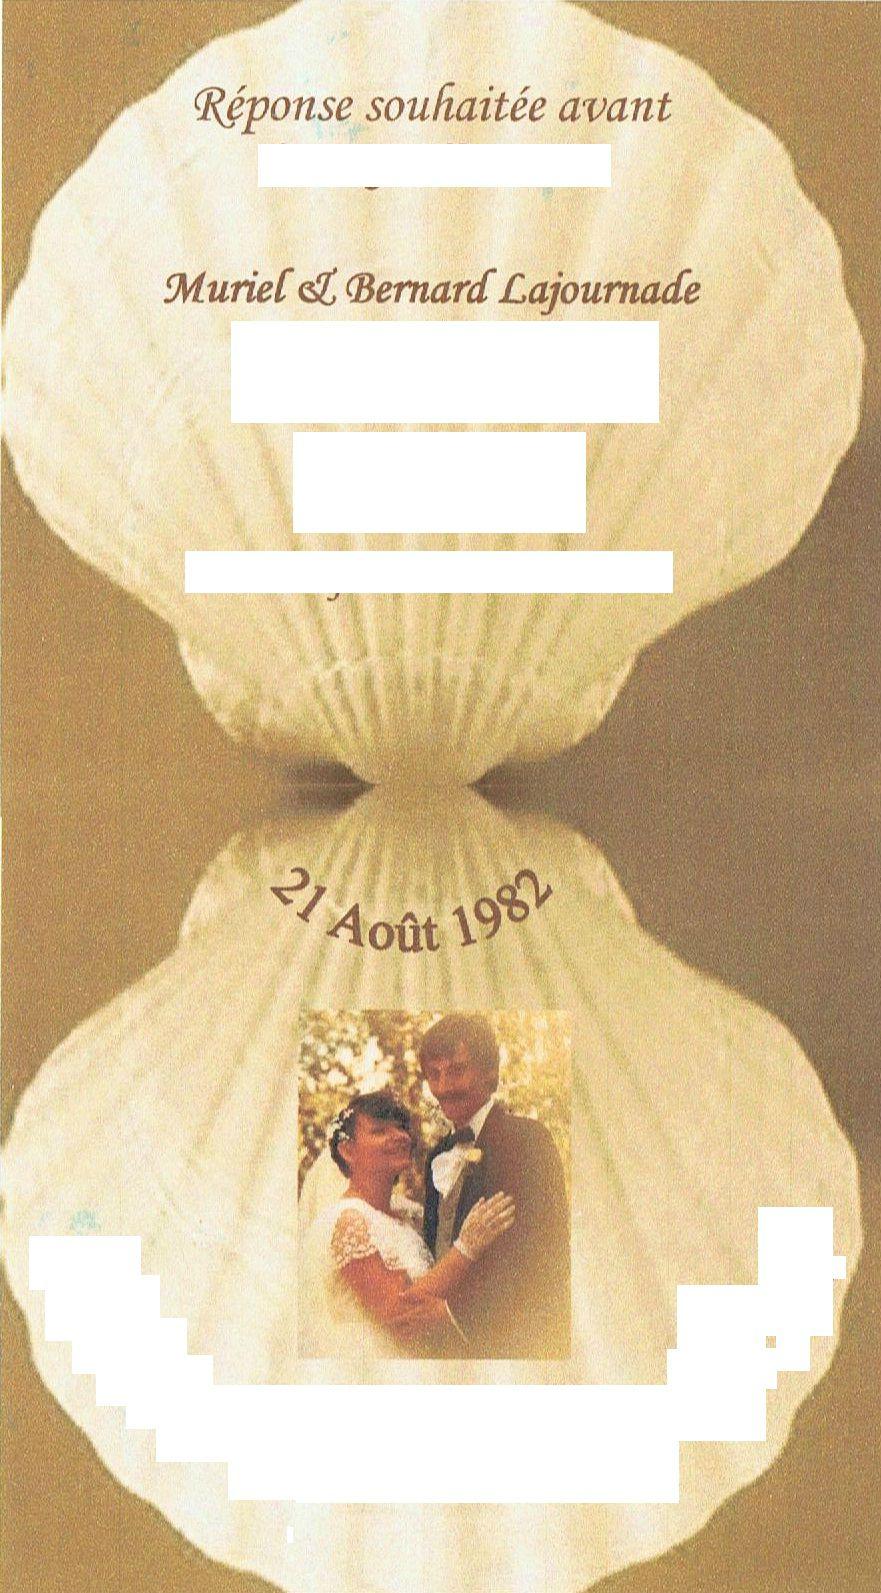 Theme pour anniversaire de mariage 30 ans